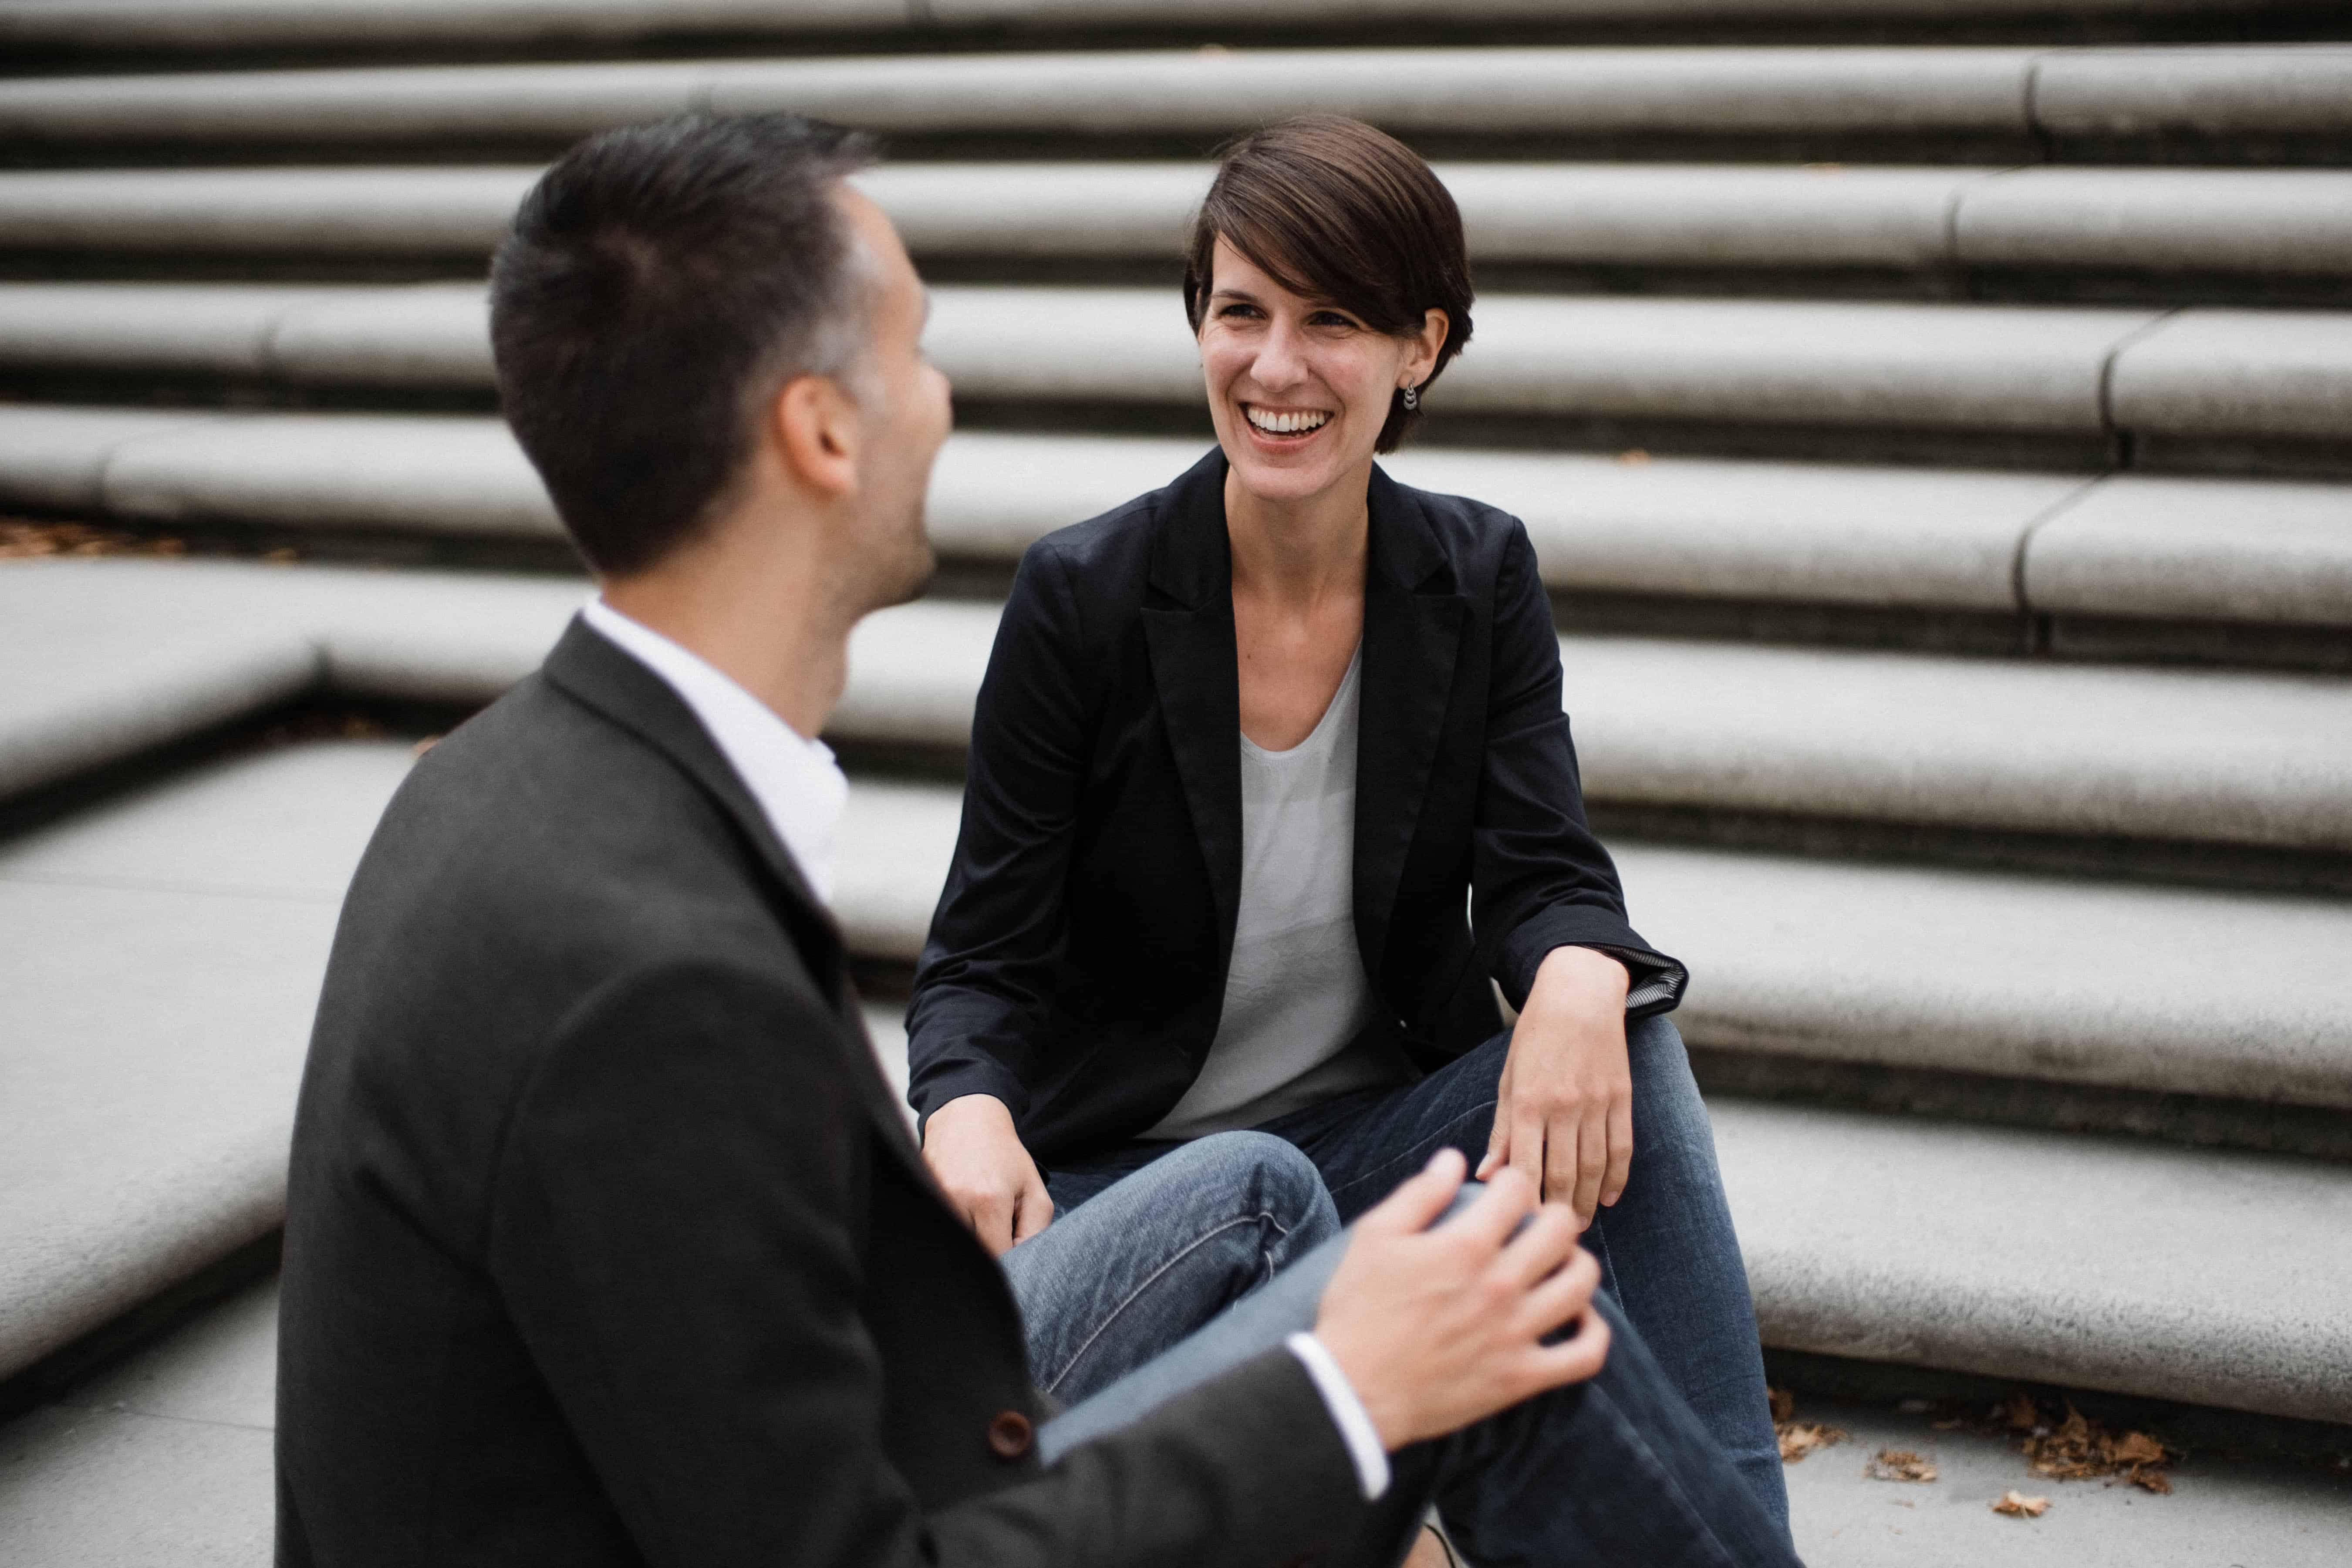 ein Mann und eine Frau sitzen auf einer Betontreppe, sie sind zueinander gerichtet& unterhalten sich